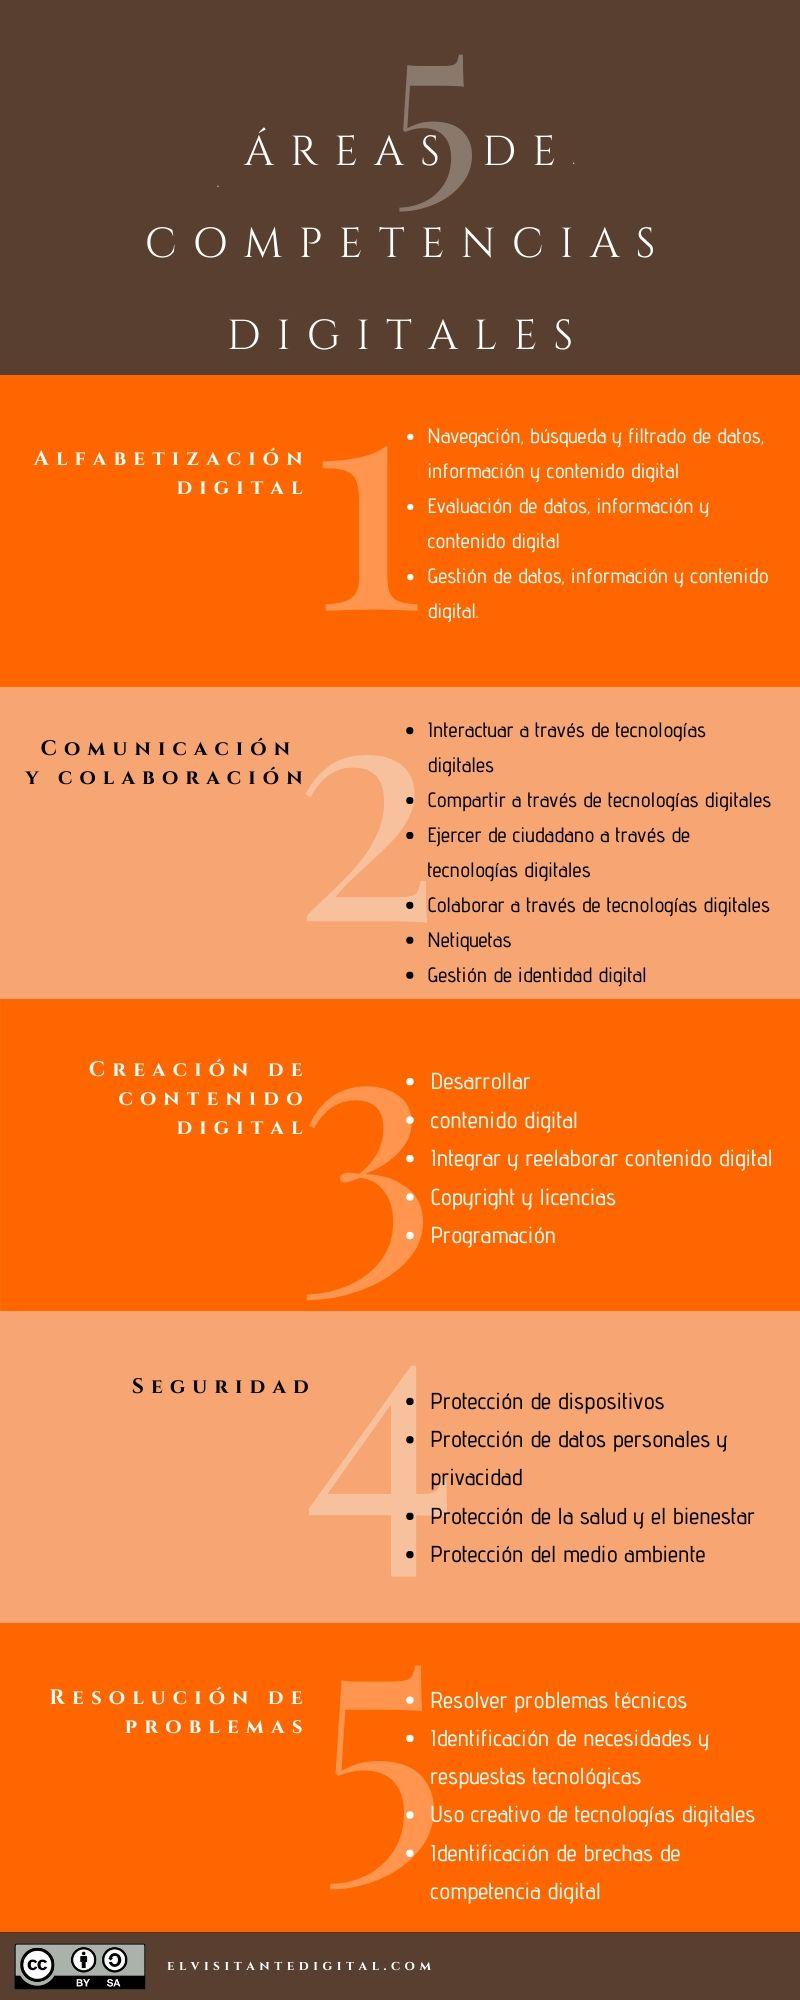 Competencias digitales del siglo XXI